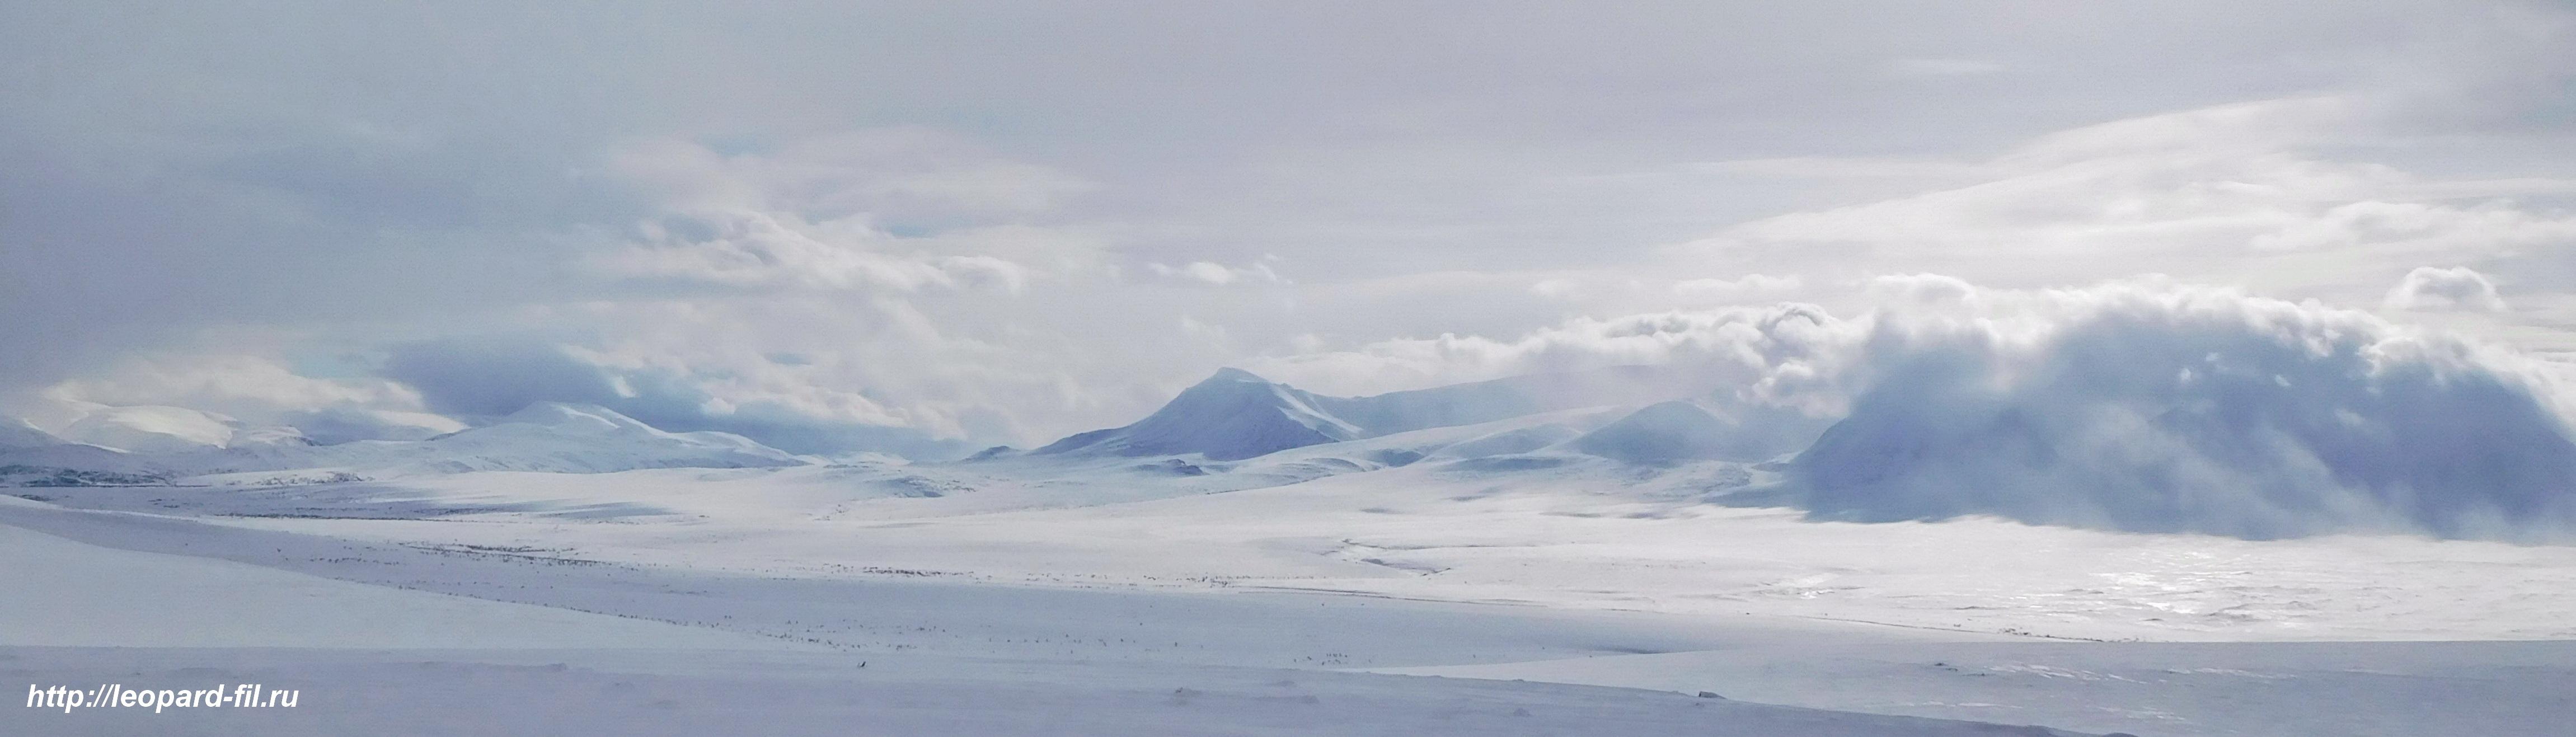 Рассказ об одиночном лыжном походе на Полярный Урал